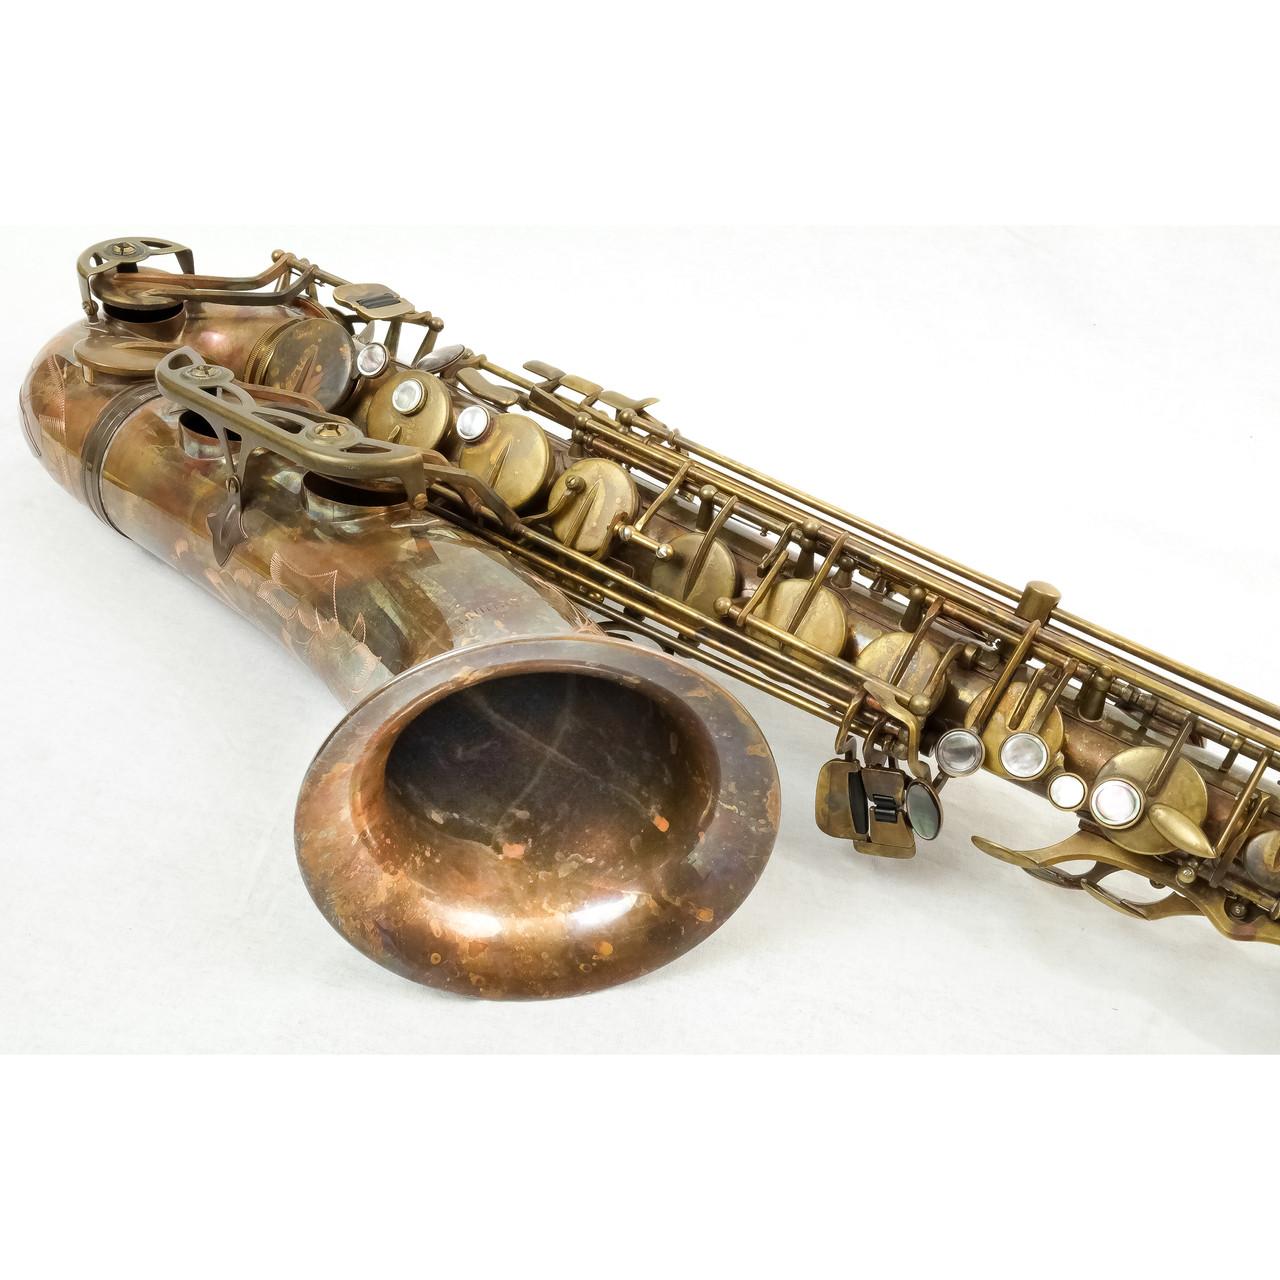 conn selmer 380 tenor sax 5